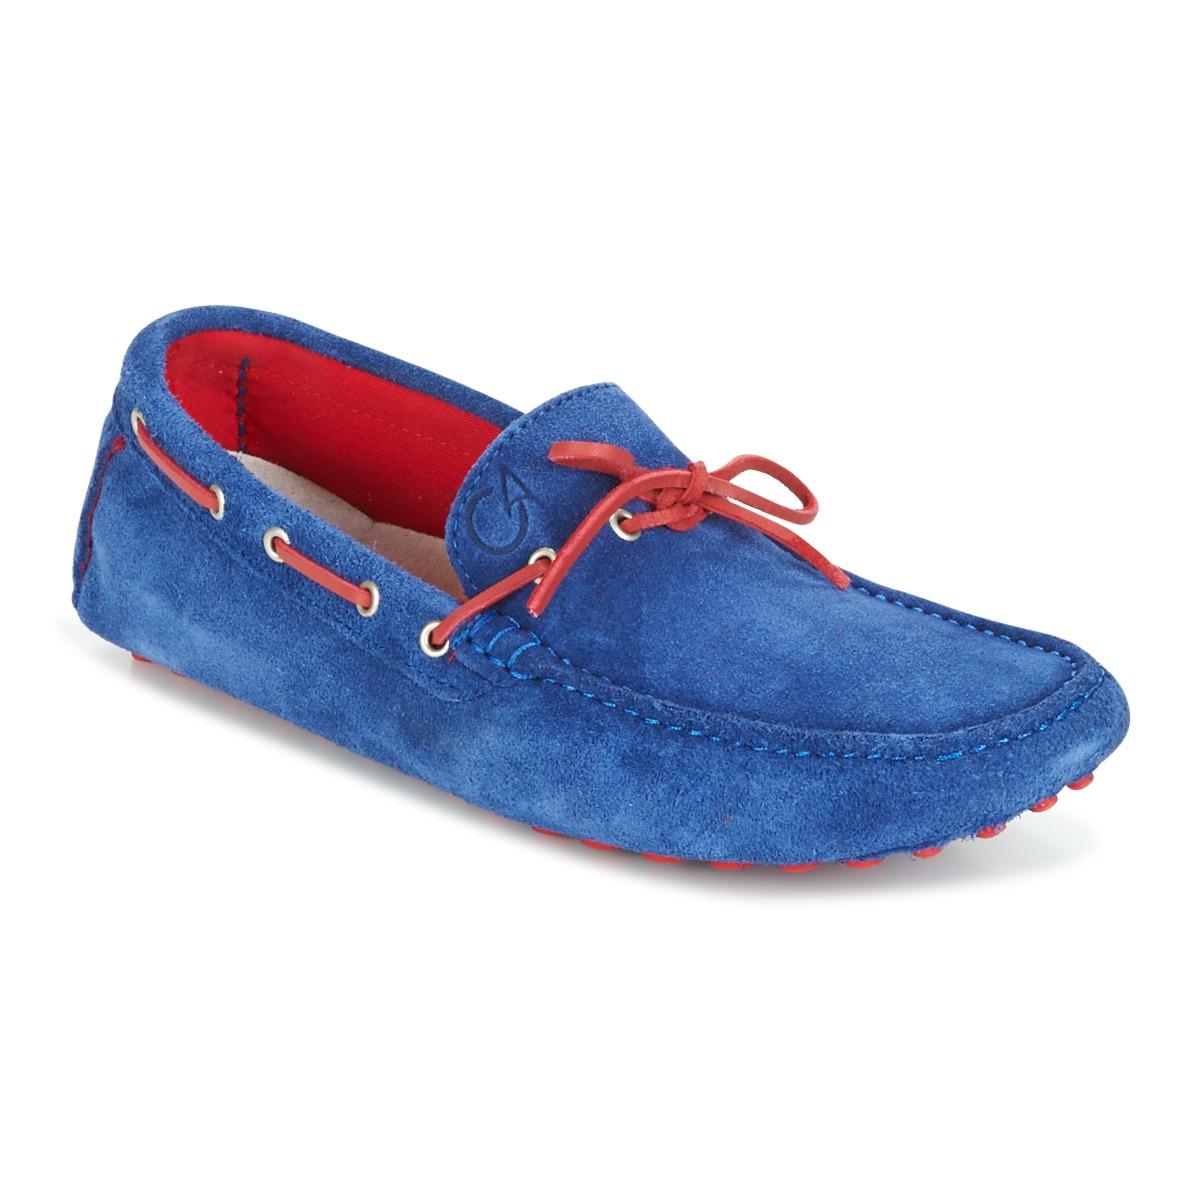 63aaf5e54145 durable modeling Casual Attitude MACOUA MARINE Shoes Smart-shoes Men ...